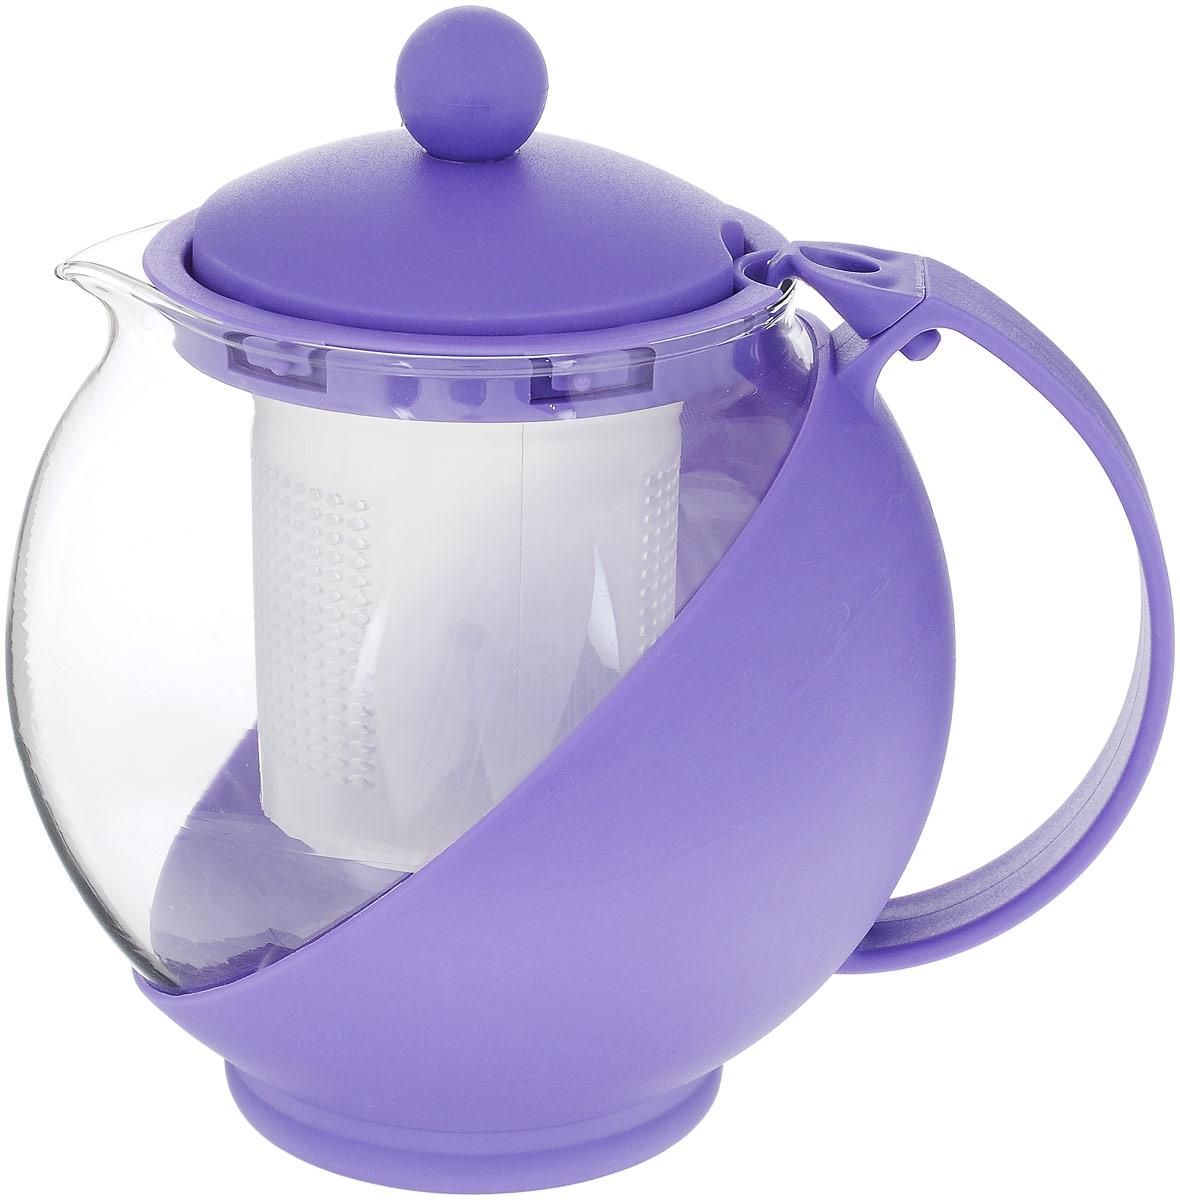 Чайник заварочный Wellberg Aqual, с фильтром, цвет: прозрачный, сиреневый, 750 мл058682Заварочный чайник Wellberg Aqual изготовлен извысококачественного пищевого пластика и жаропрочногостекла. Чайник имеет пластиковый фильтр и оснащенудобной ручкой. Крышка плотно закрывается, а удобный носикпредотвращает проливание жидкости. Чайник прекрасноподойдет для заваривания чая и травяных напитков.Высота чайника (без учета крышки): 11,5 см. Высота чайника (с учетом крышки): 14 см.Диаметр (по верхнему краю): 8 см. Высота фильтра: 6,5 см.